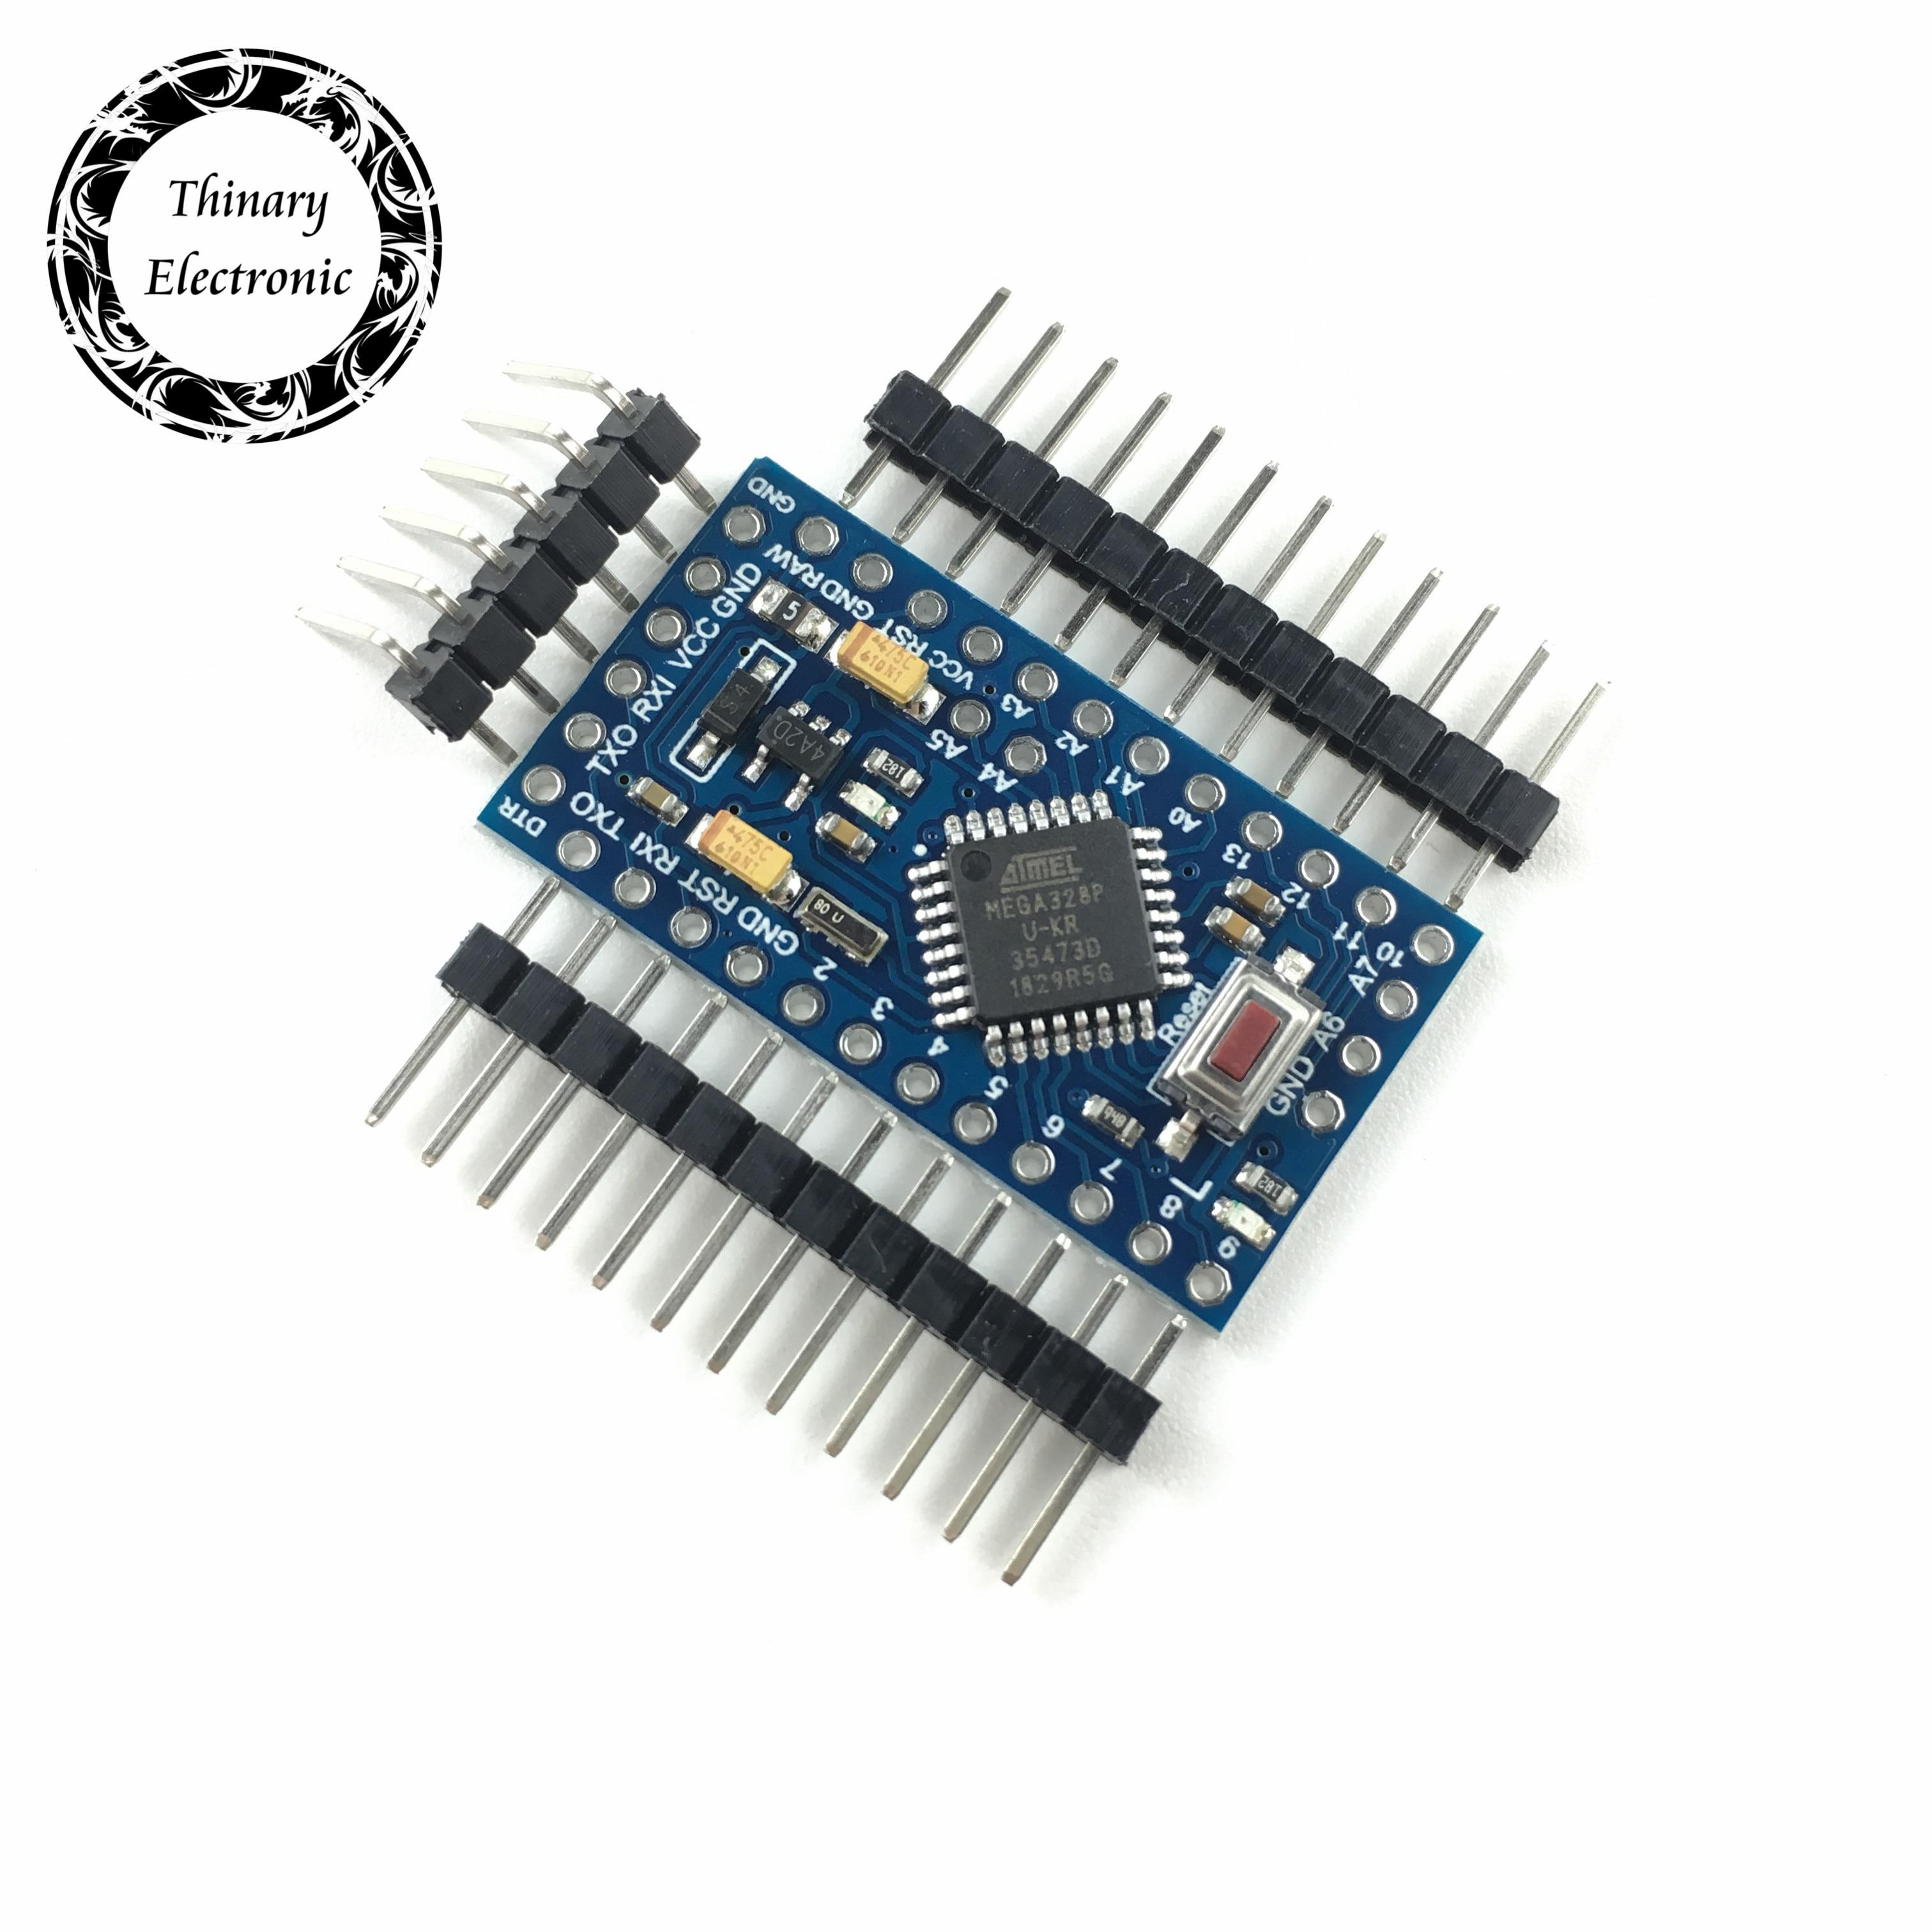 Free shipping 20pcs lot Pro Mini 328 Mini ATMEGA328 ATMEGA328P AU 5V 16MHz for Arduino Pro